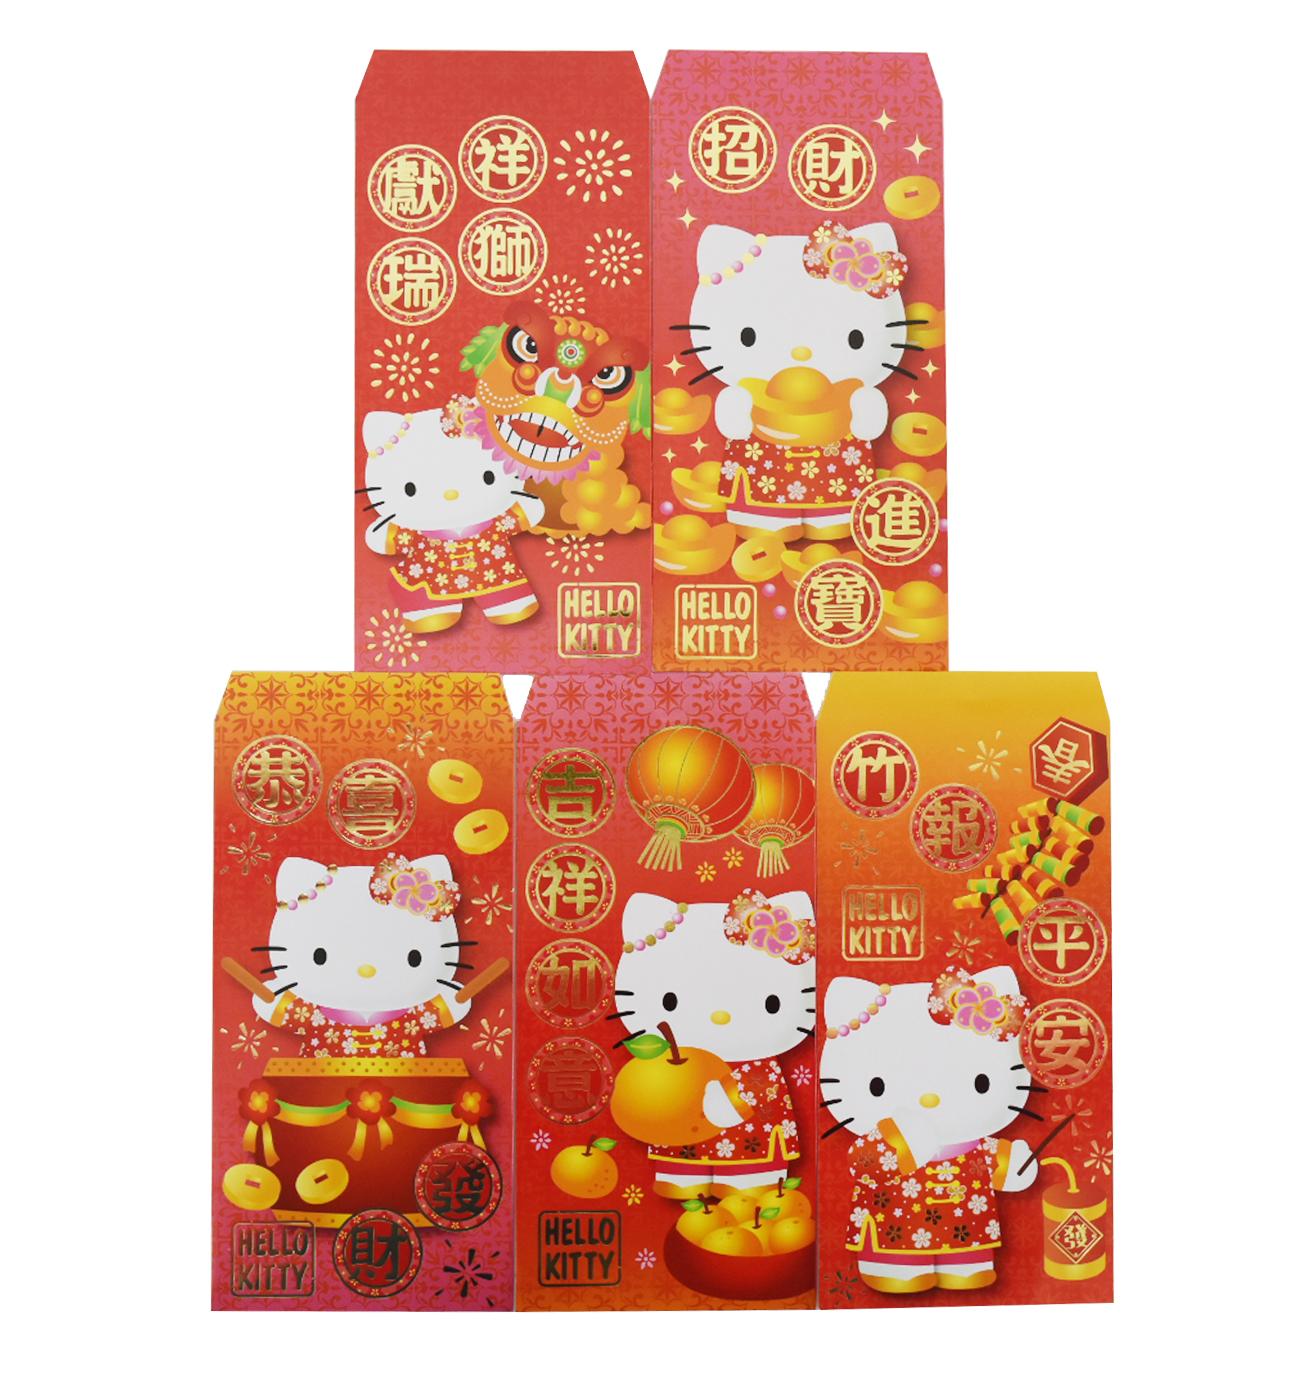 X射線【Z956024】Kitty中式燙金紅包袋5入5包$100,春節/過年/金元寶/紅包袋/糖果盒/雞年